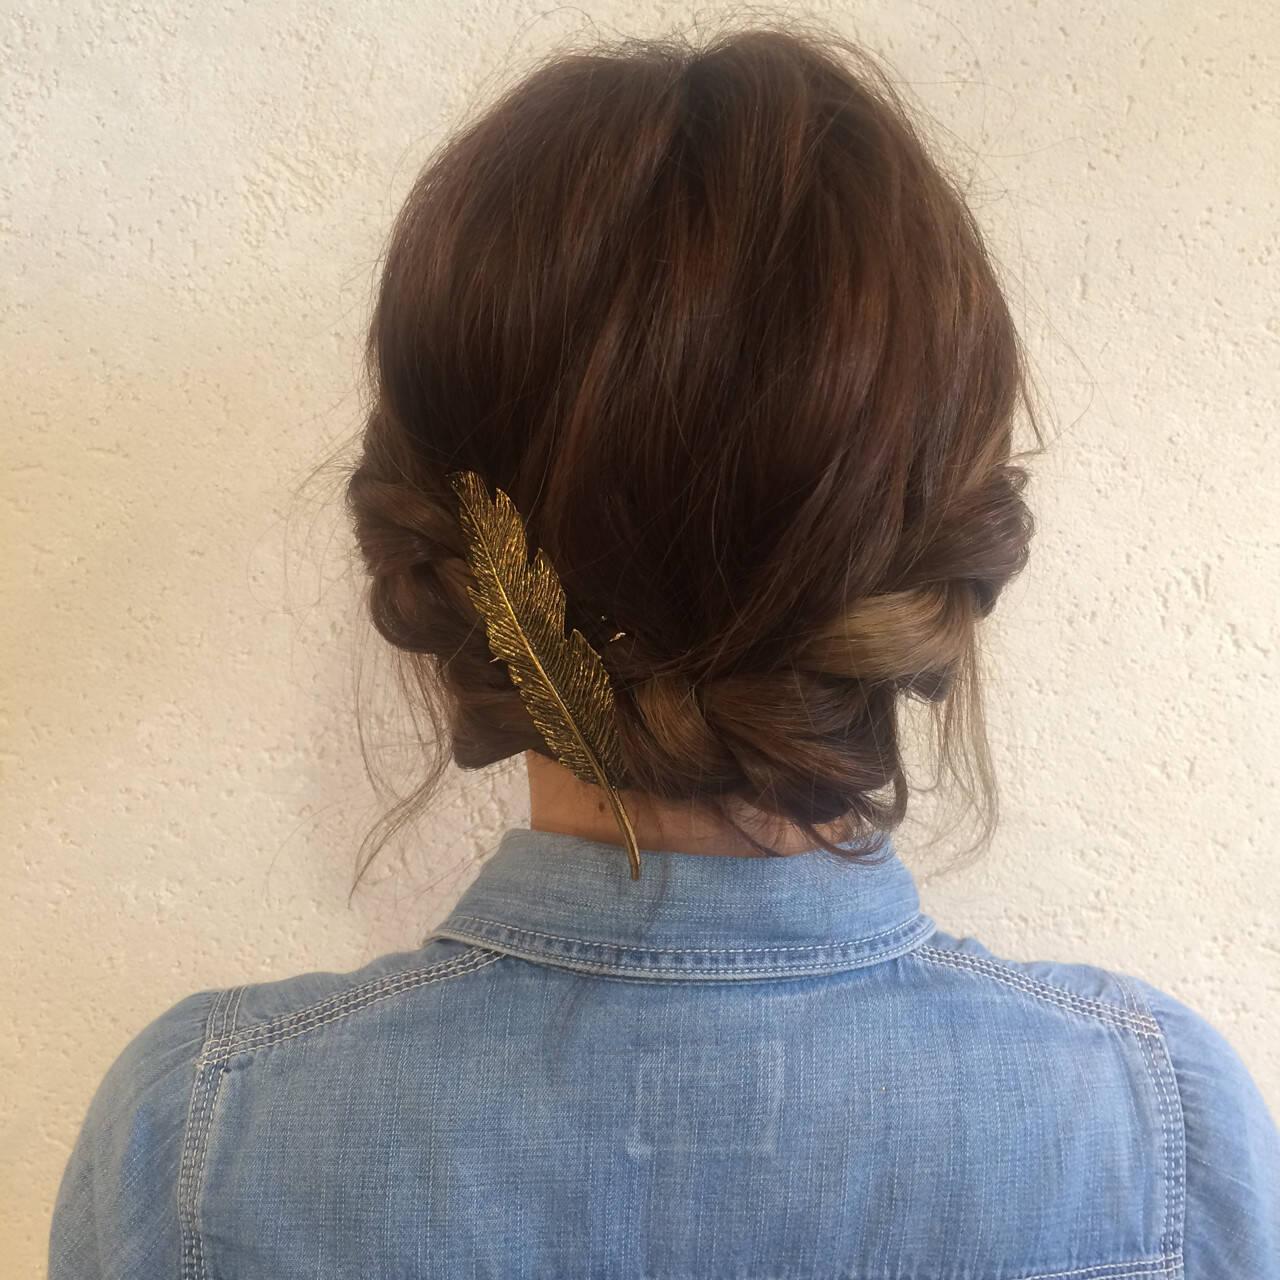 ショート ヘアアレンジ ミディアム 簡単ヘアアレンジヘアスタイルや髪型の写真・画像